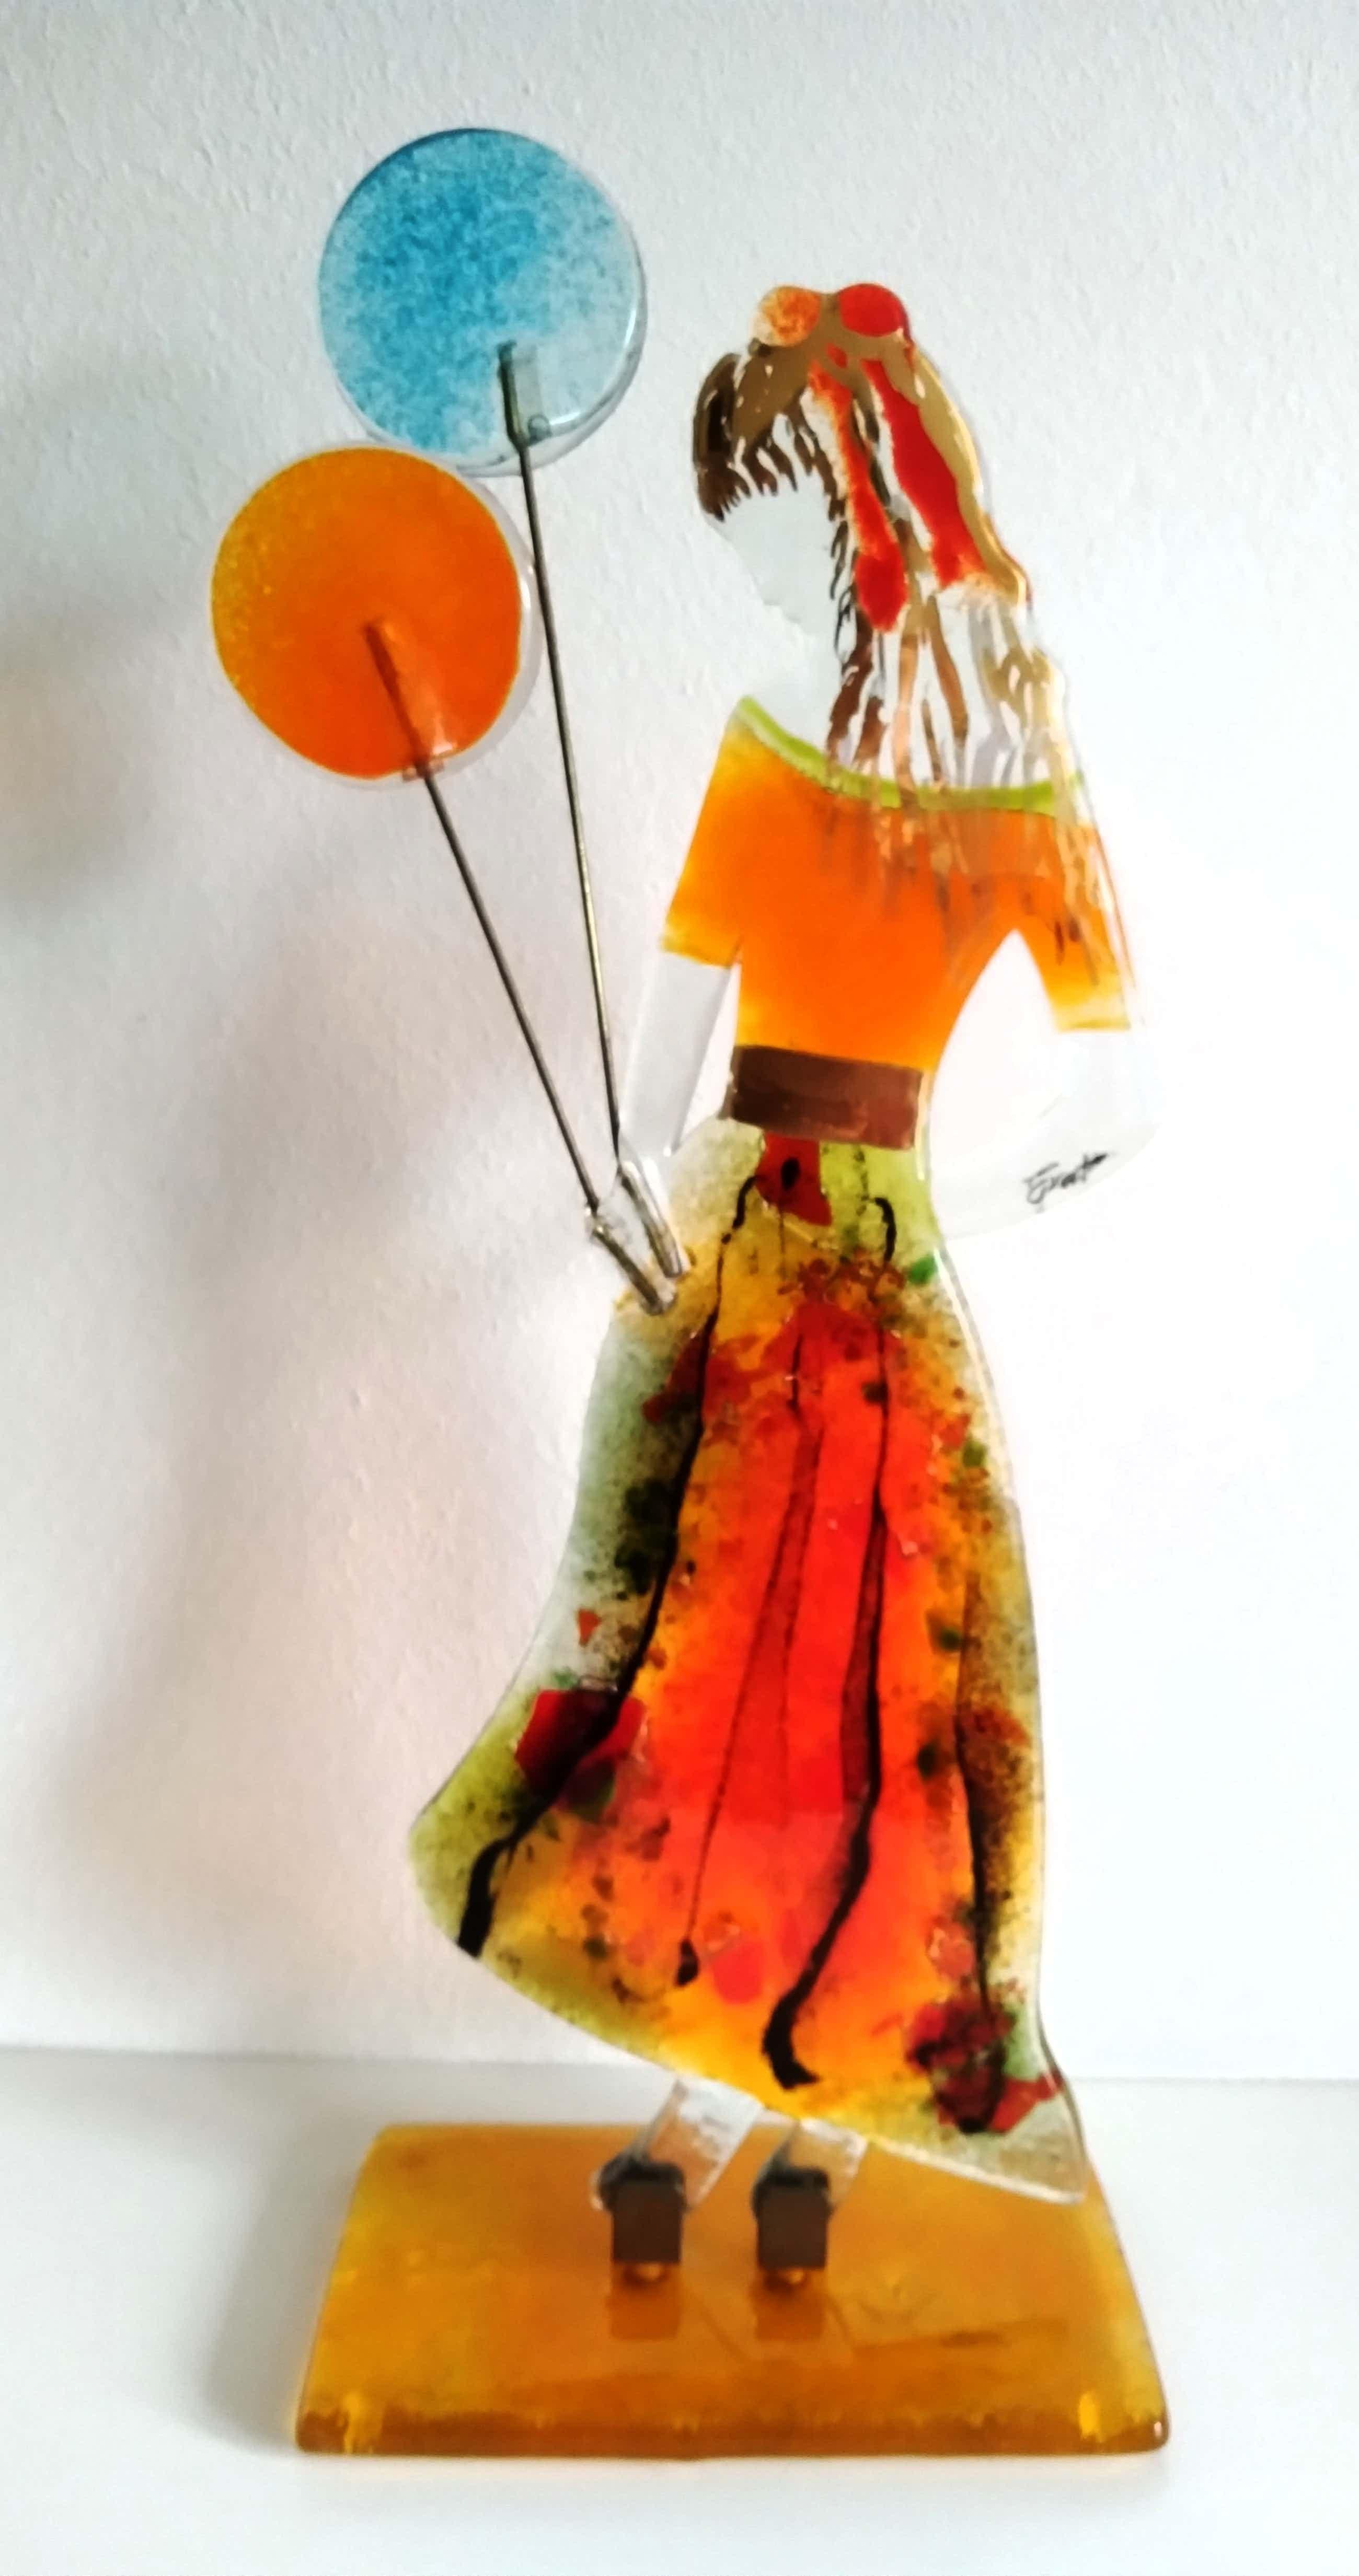 Niet of onleesbaar gesigneerd - kunstenares Efrosini, beeldschone glassculptuur, 46 cm hoog kopen? Bied vanaf 290!